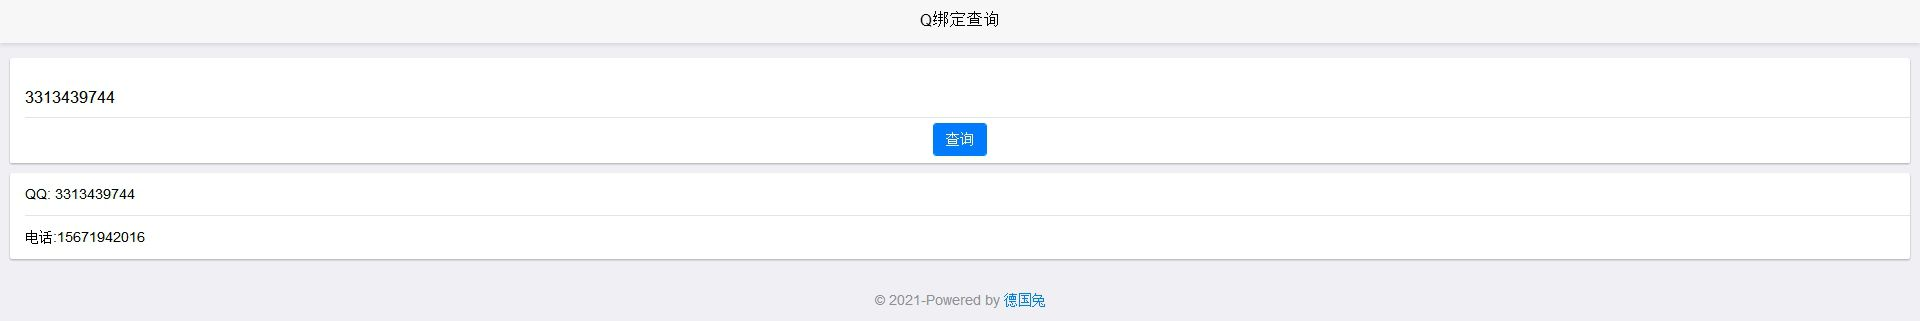 查QQ绑定的手机号网站